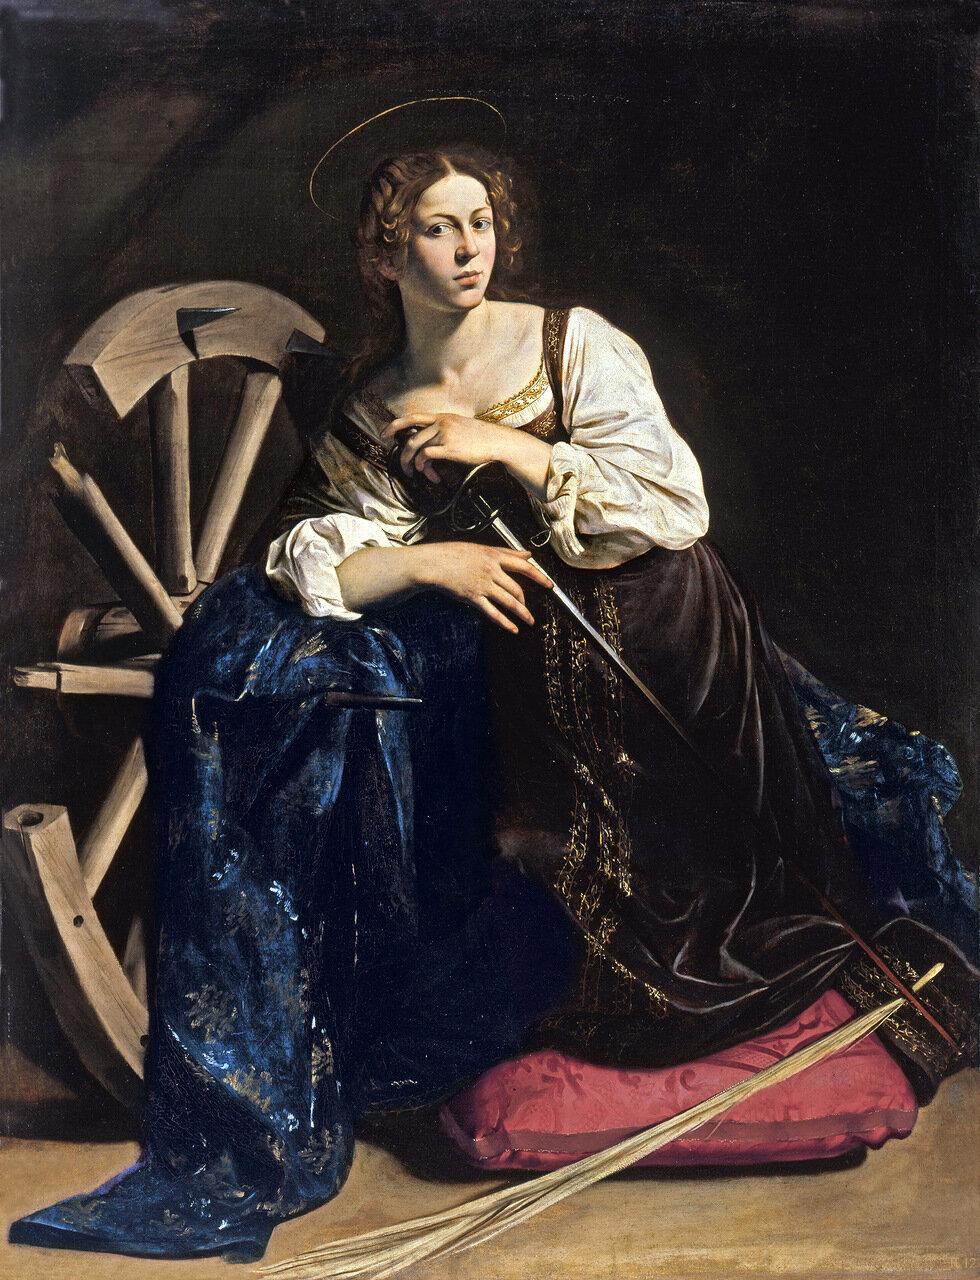 Картины старых мастеров, Караваджо, Св.Екатерина Александрийская.jpg